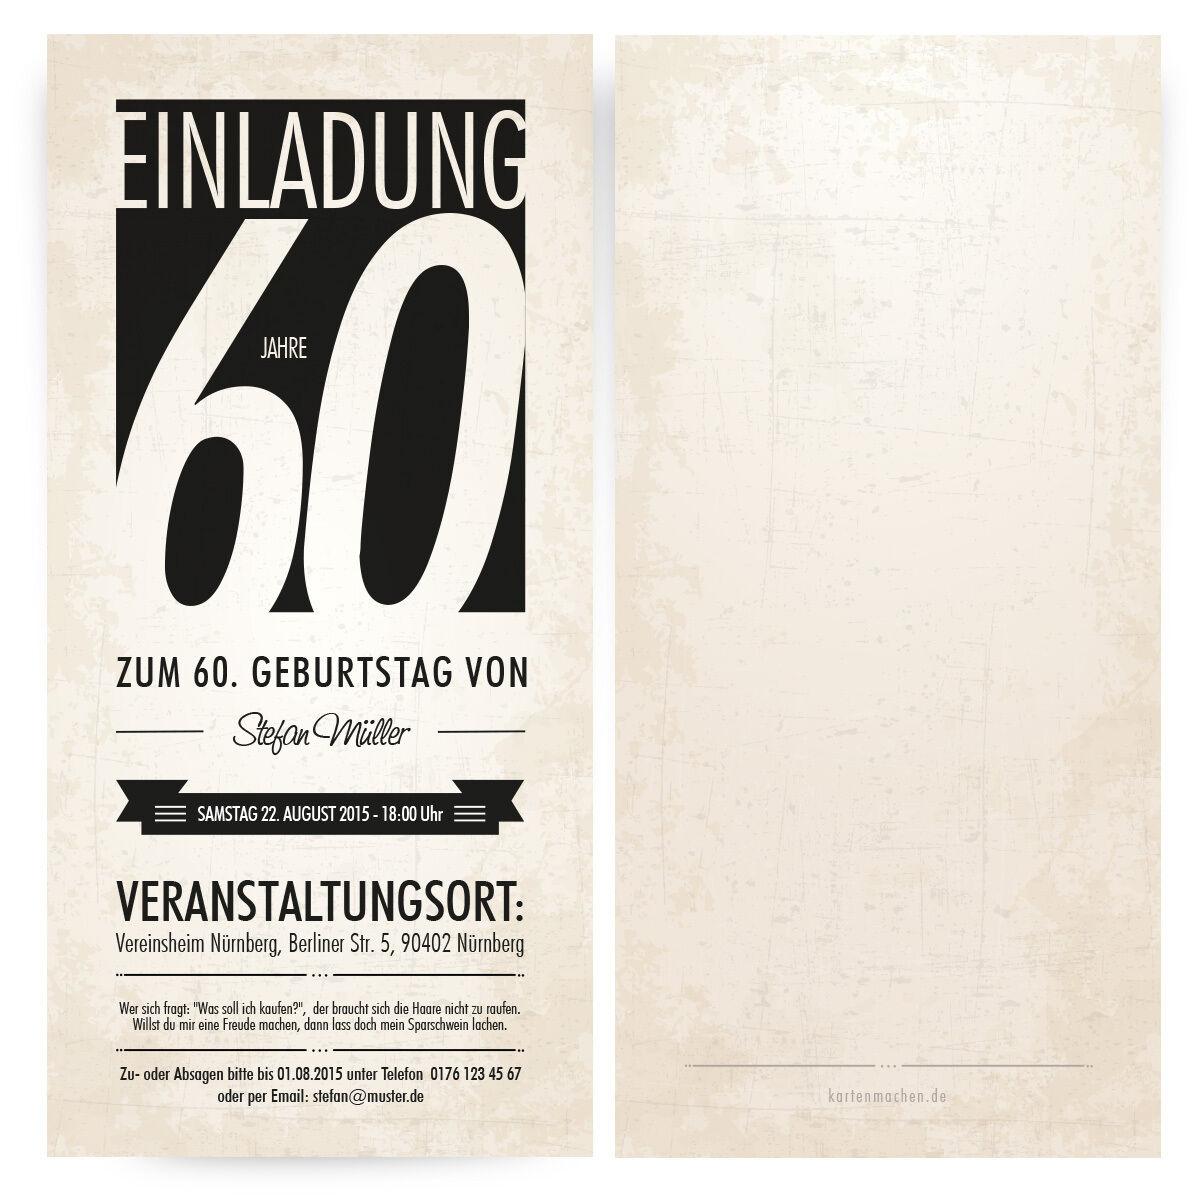 Einladungskarten zum Geburtstag Monochrom edel Schwarz Weiß Vintage Retro   | Zart  | Exquisite Handwerkskunst